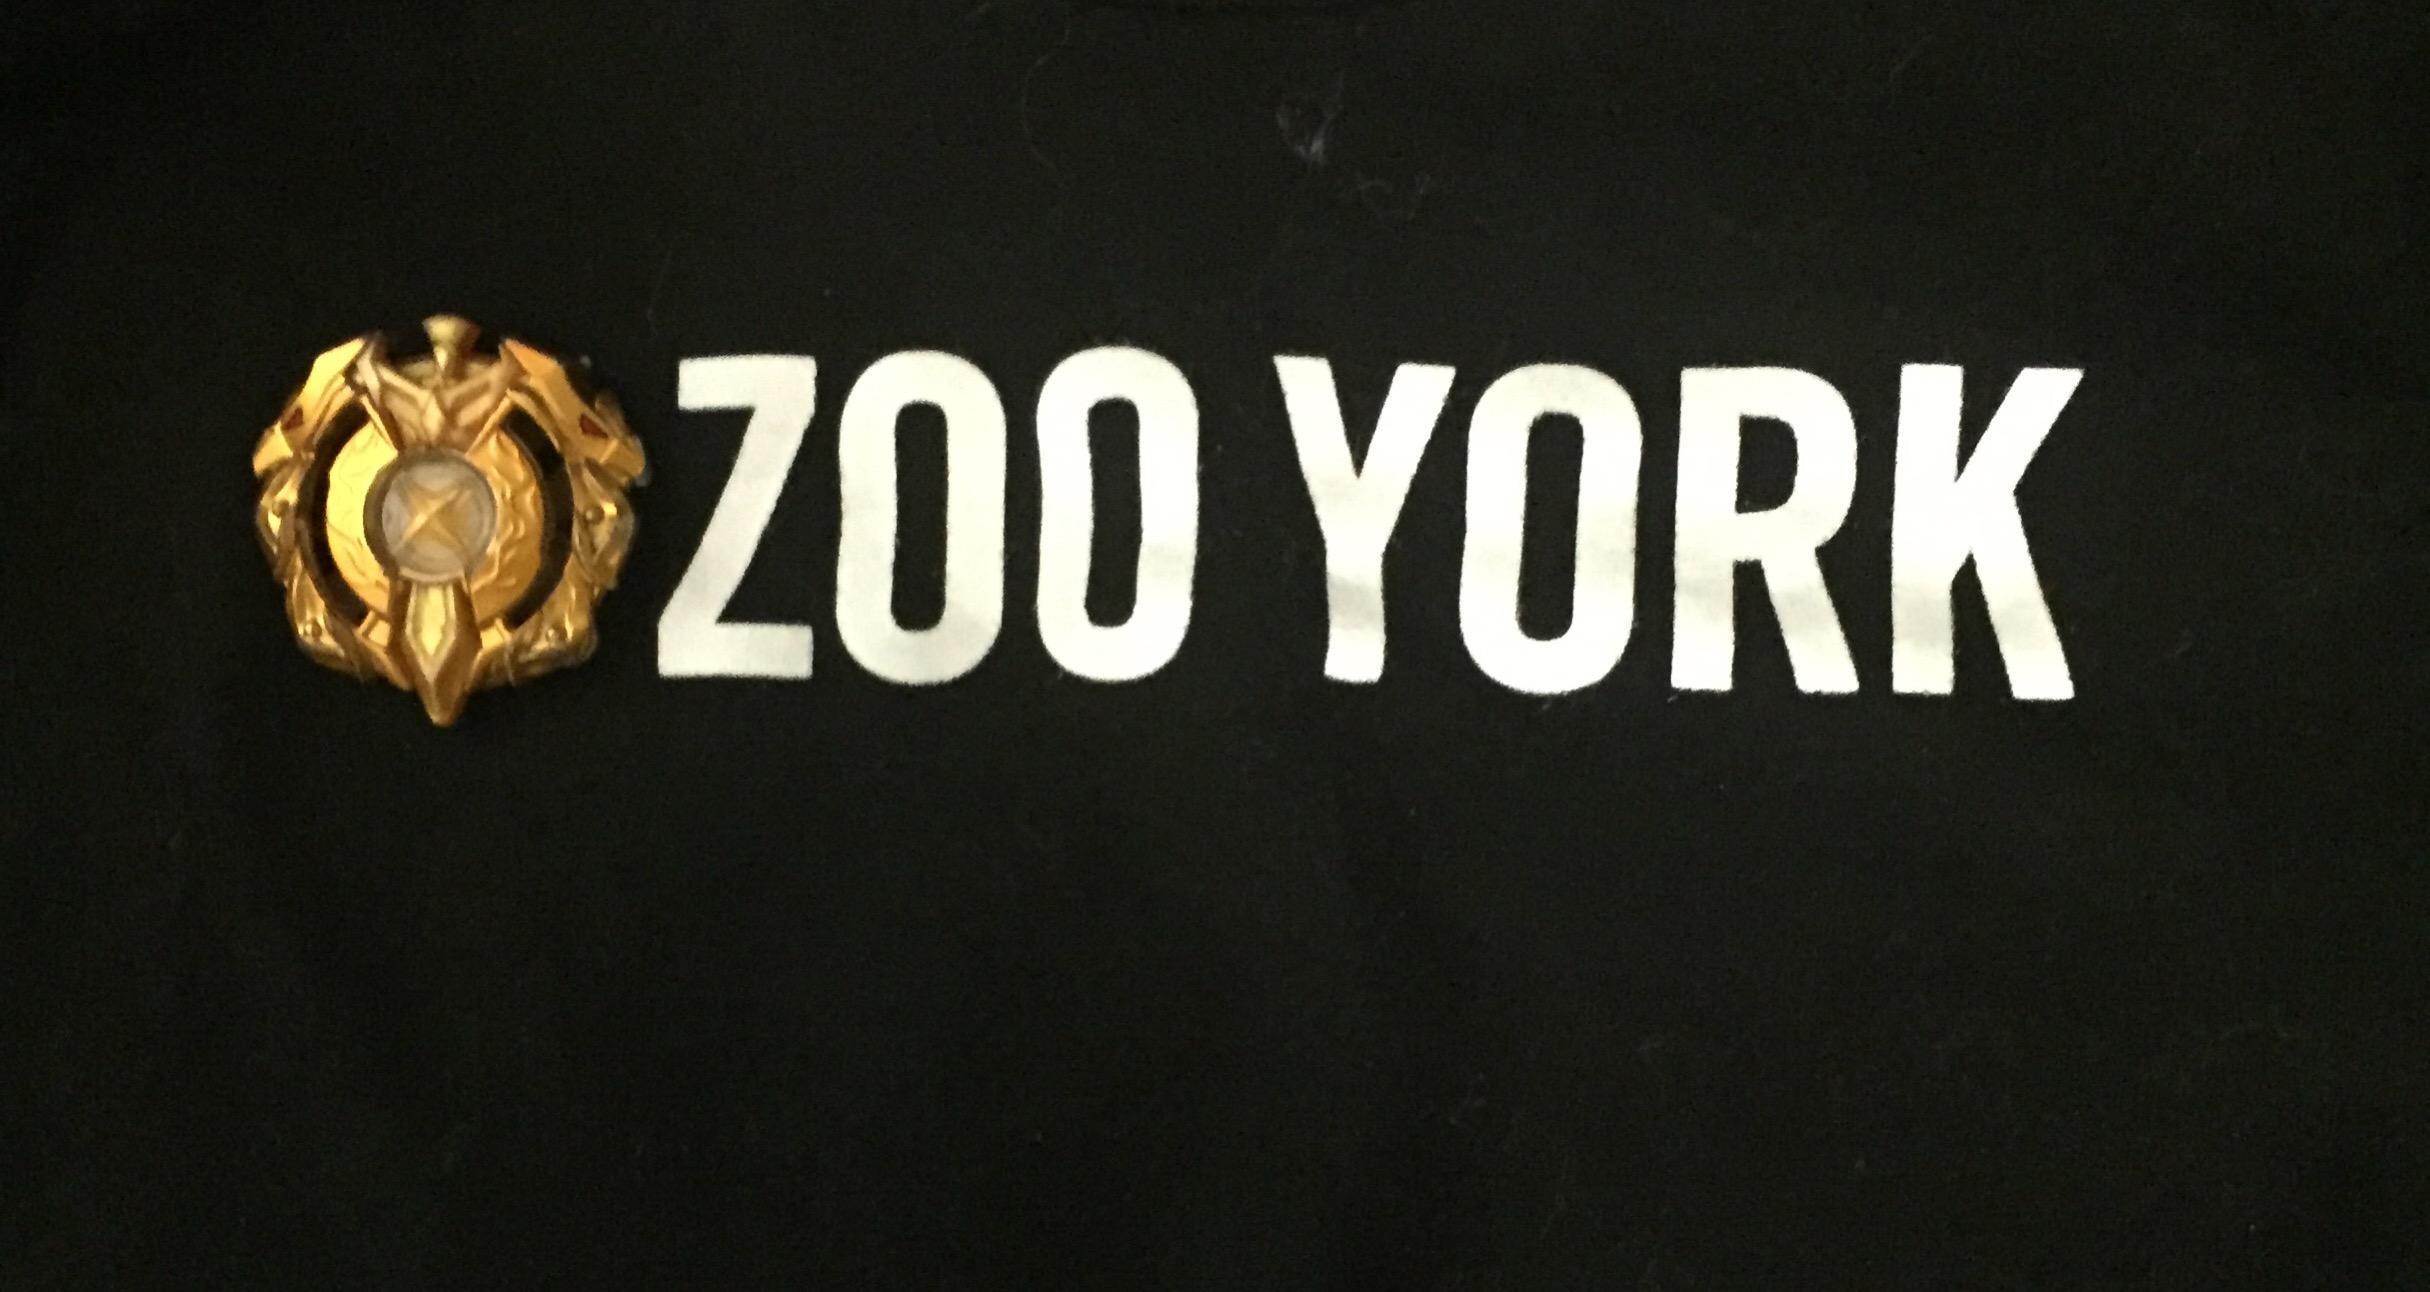 Zooyork's avatar